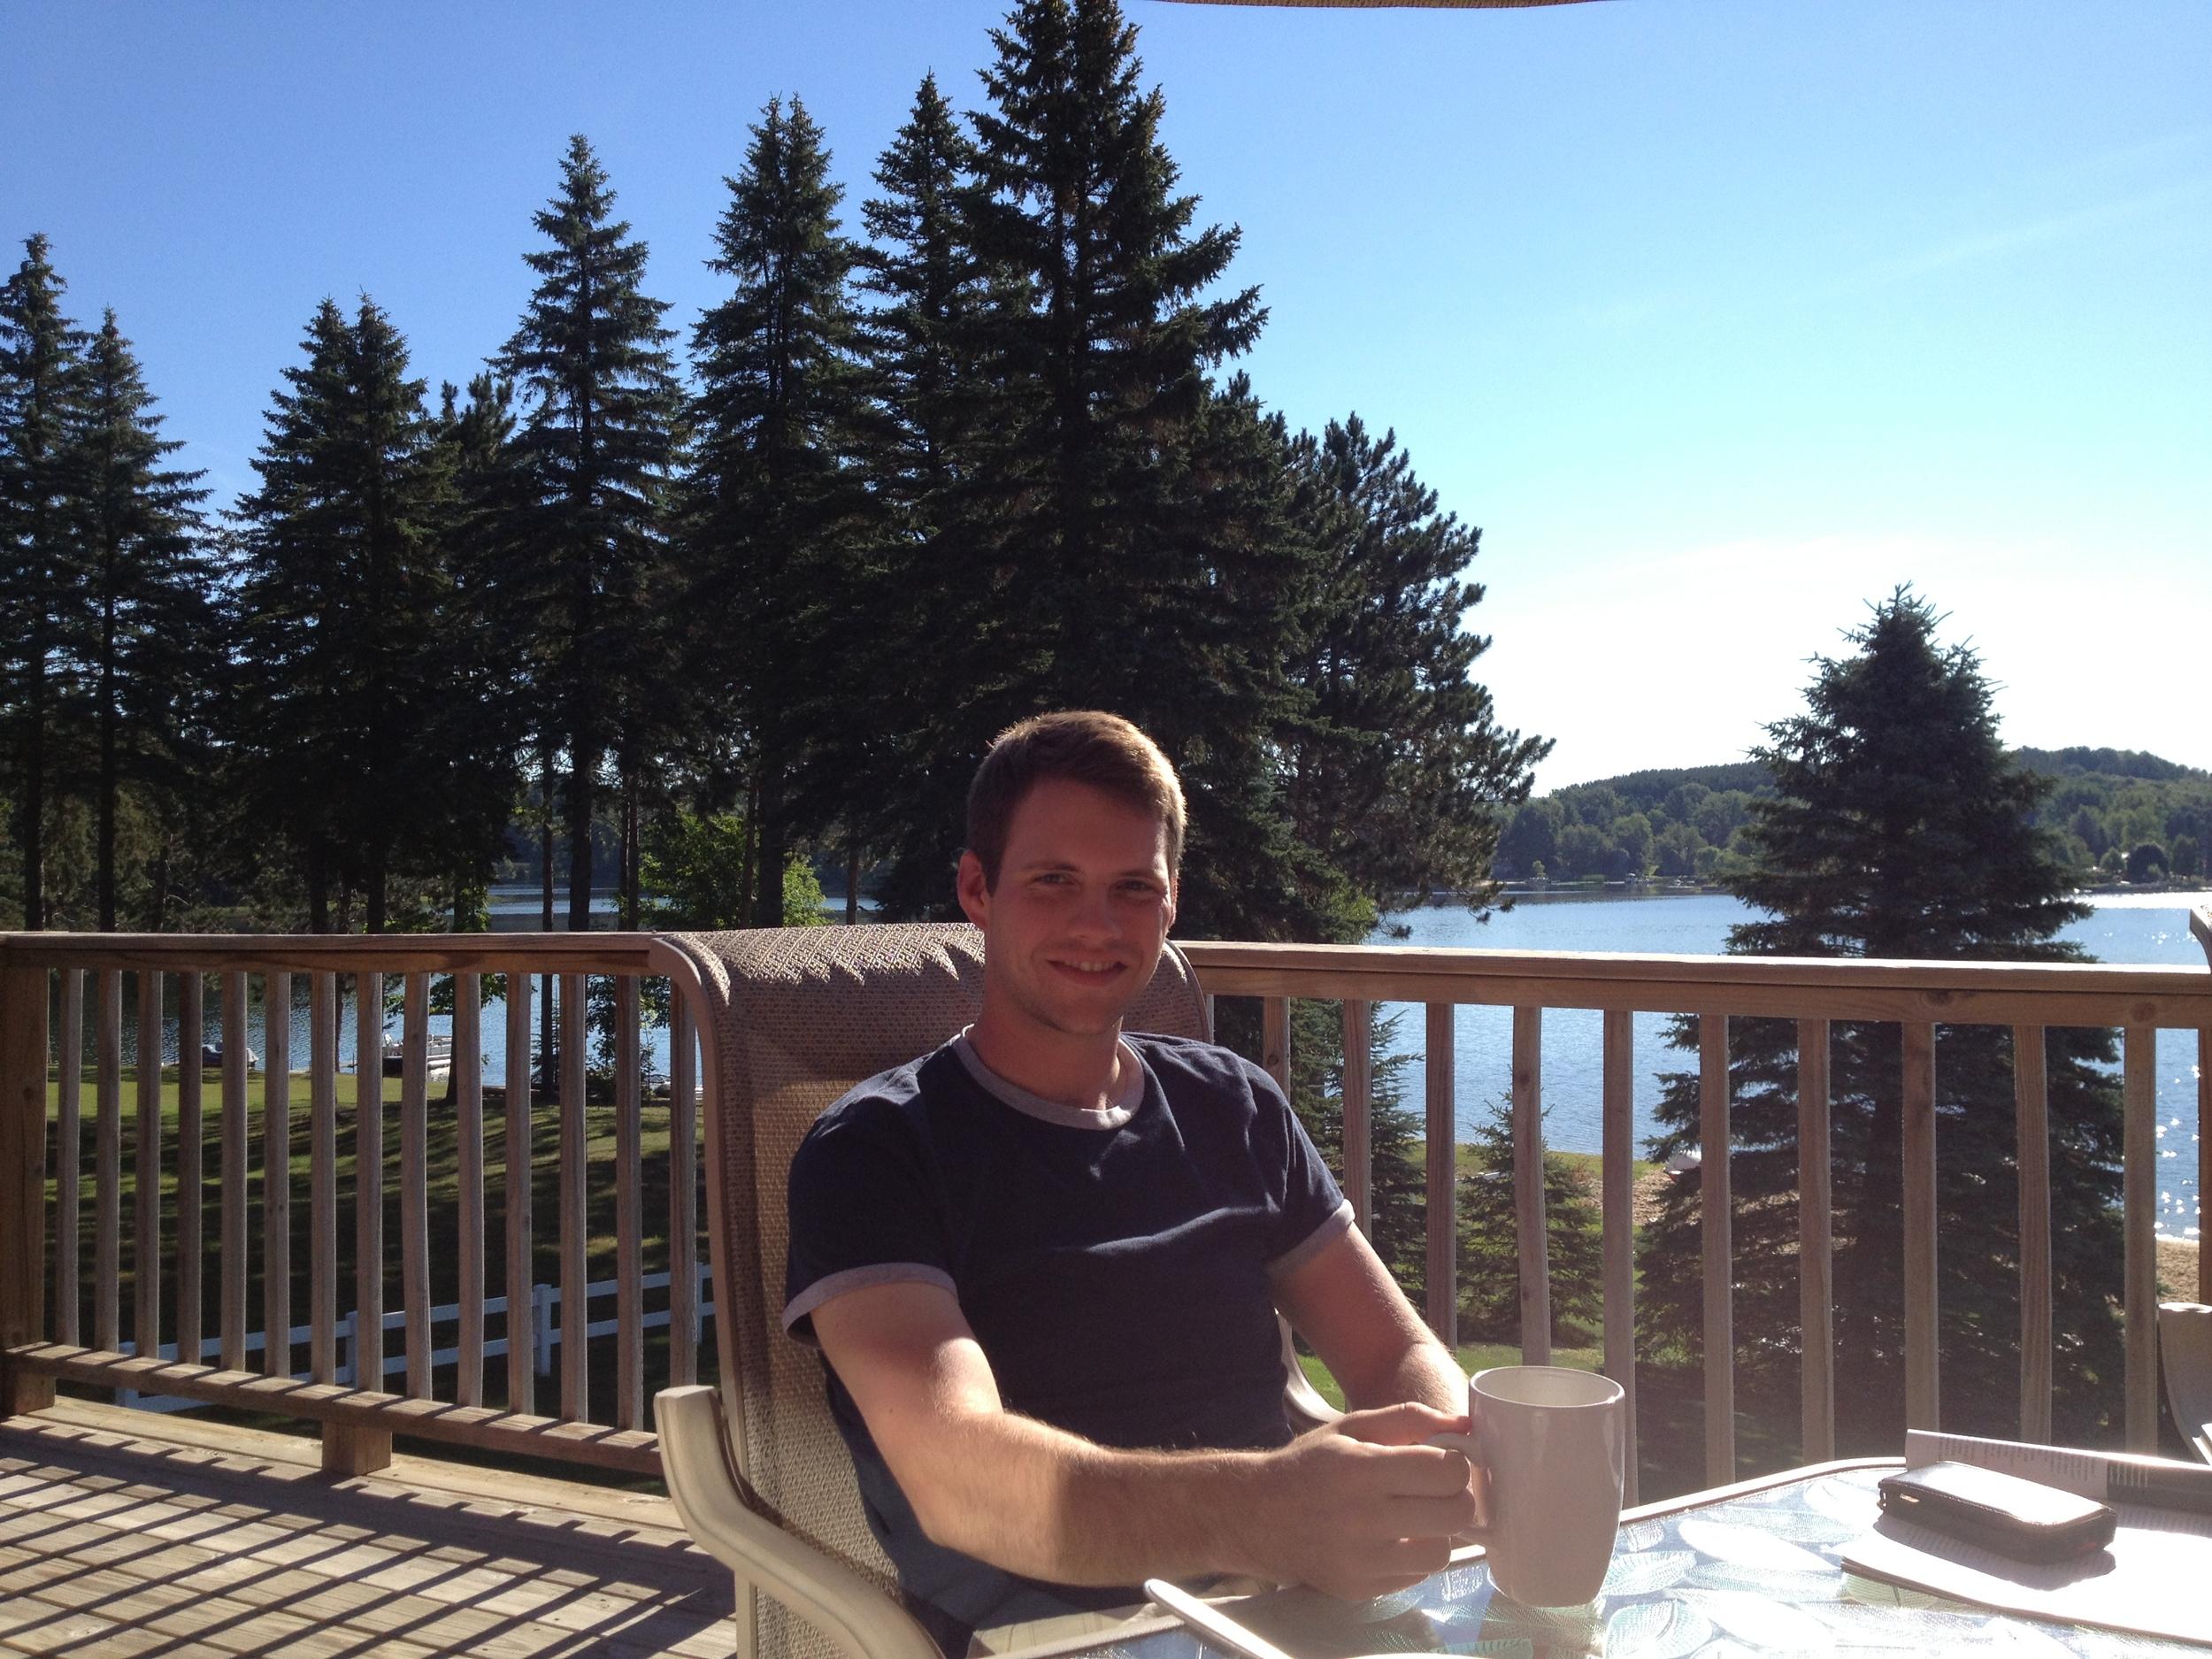 Enjoying a warm, sunny morning in Michigan.